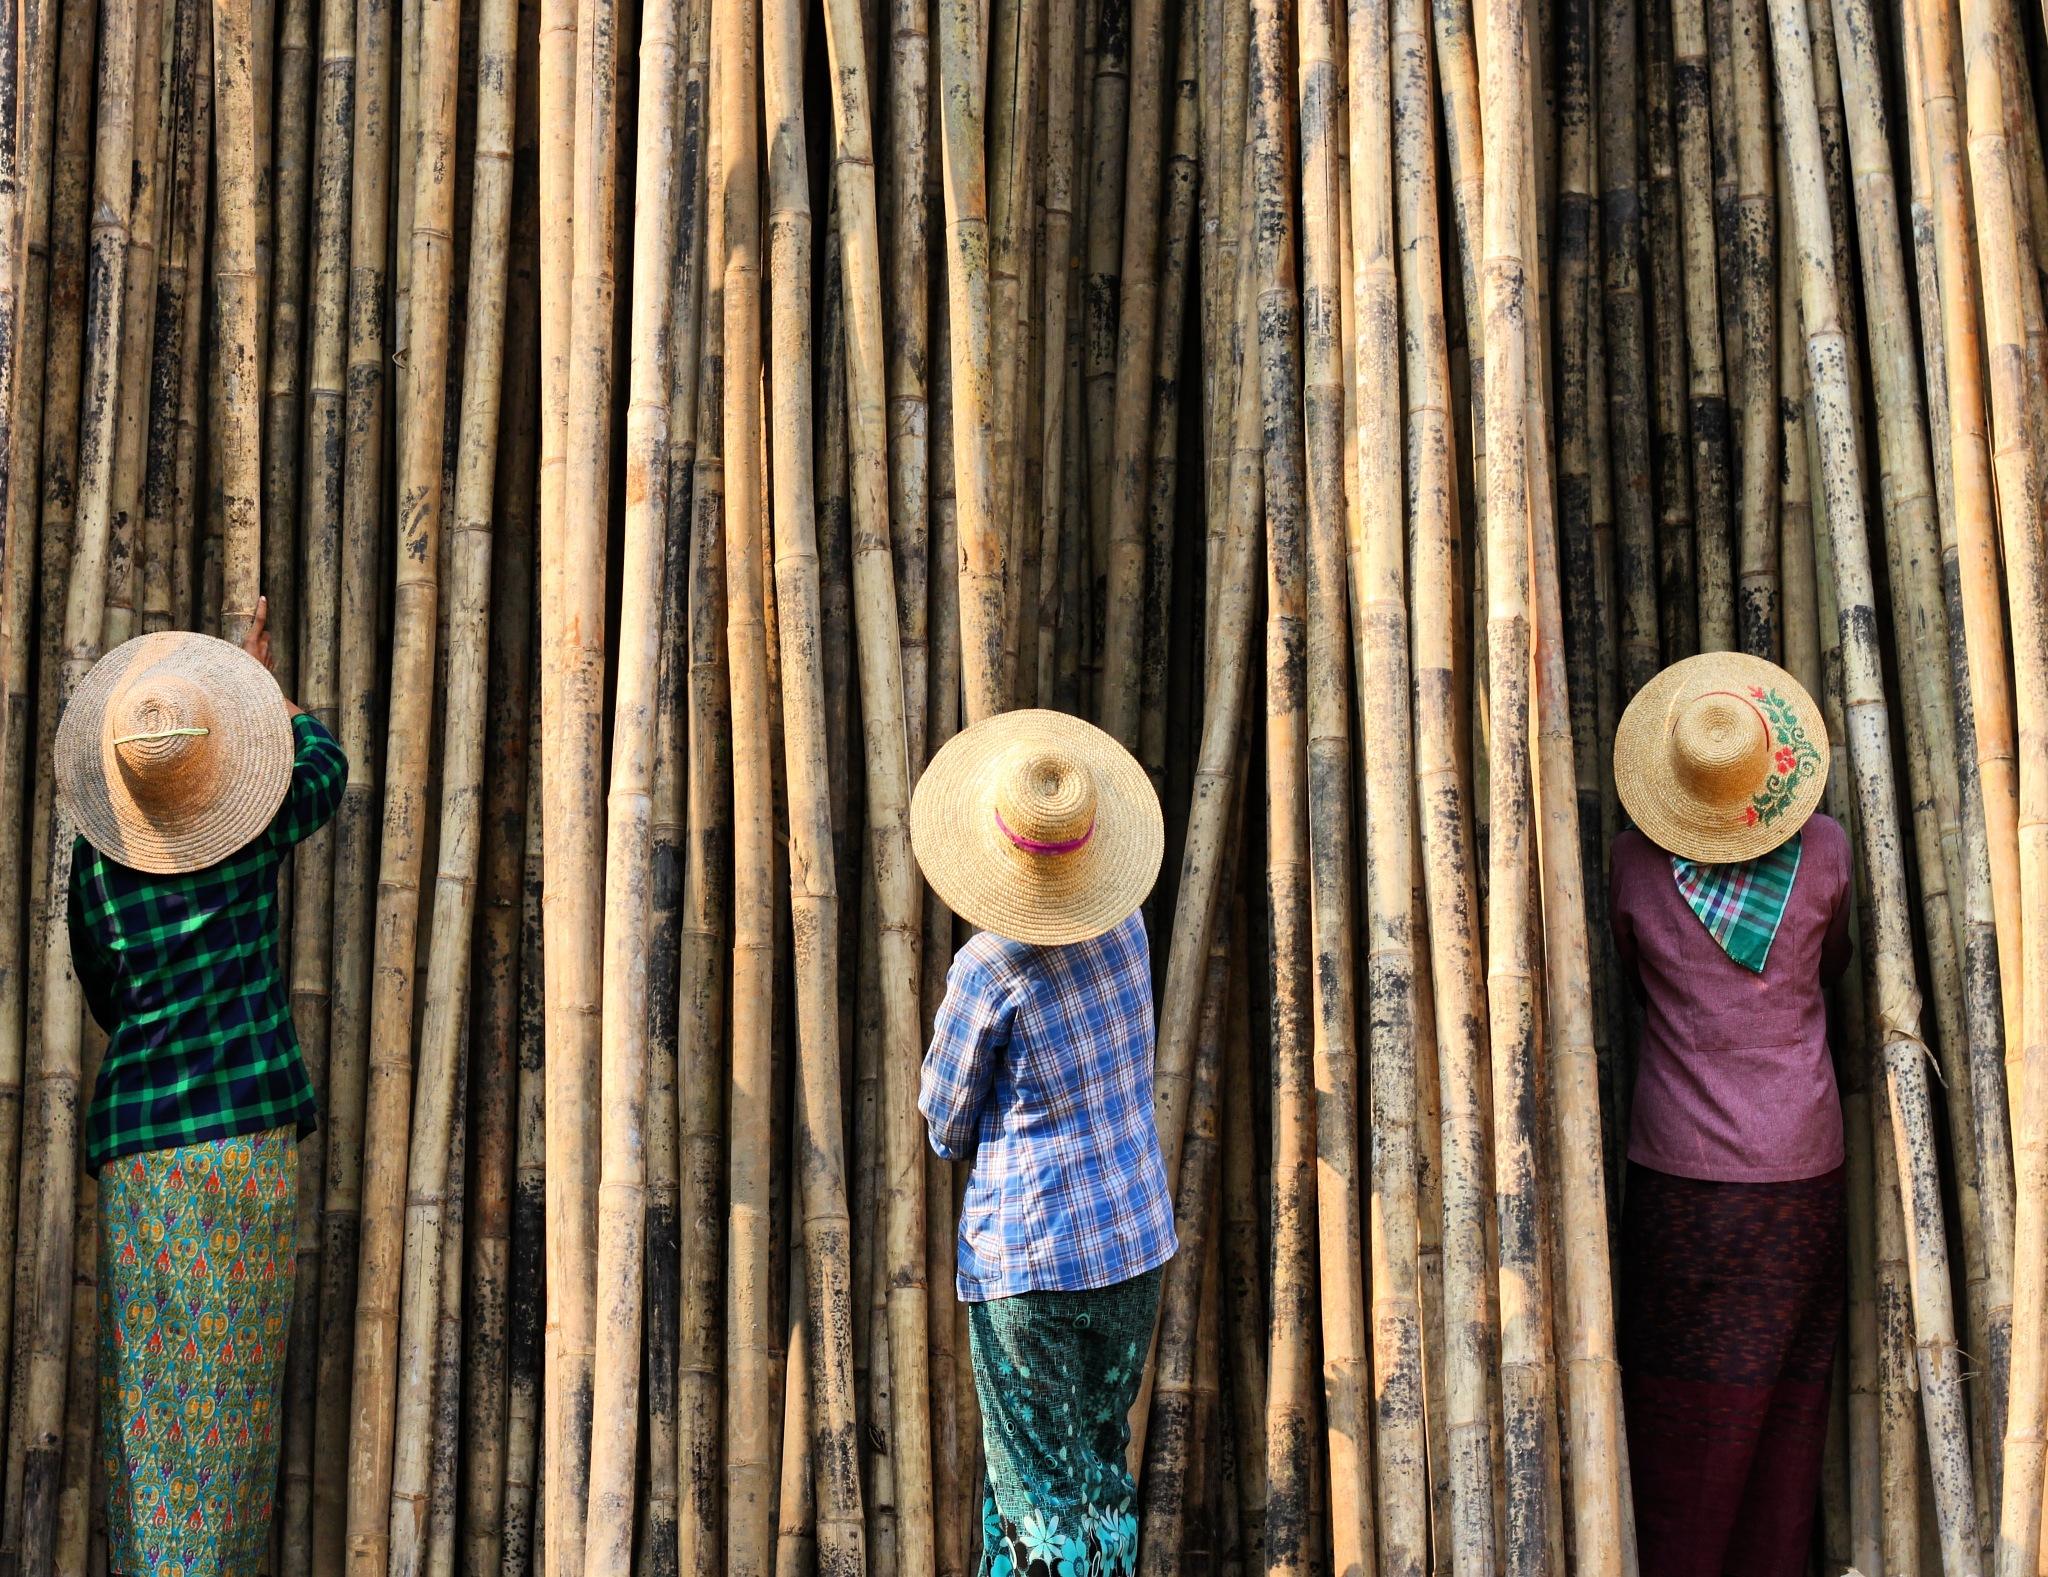 Bamboo Shopping by fotoNik